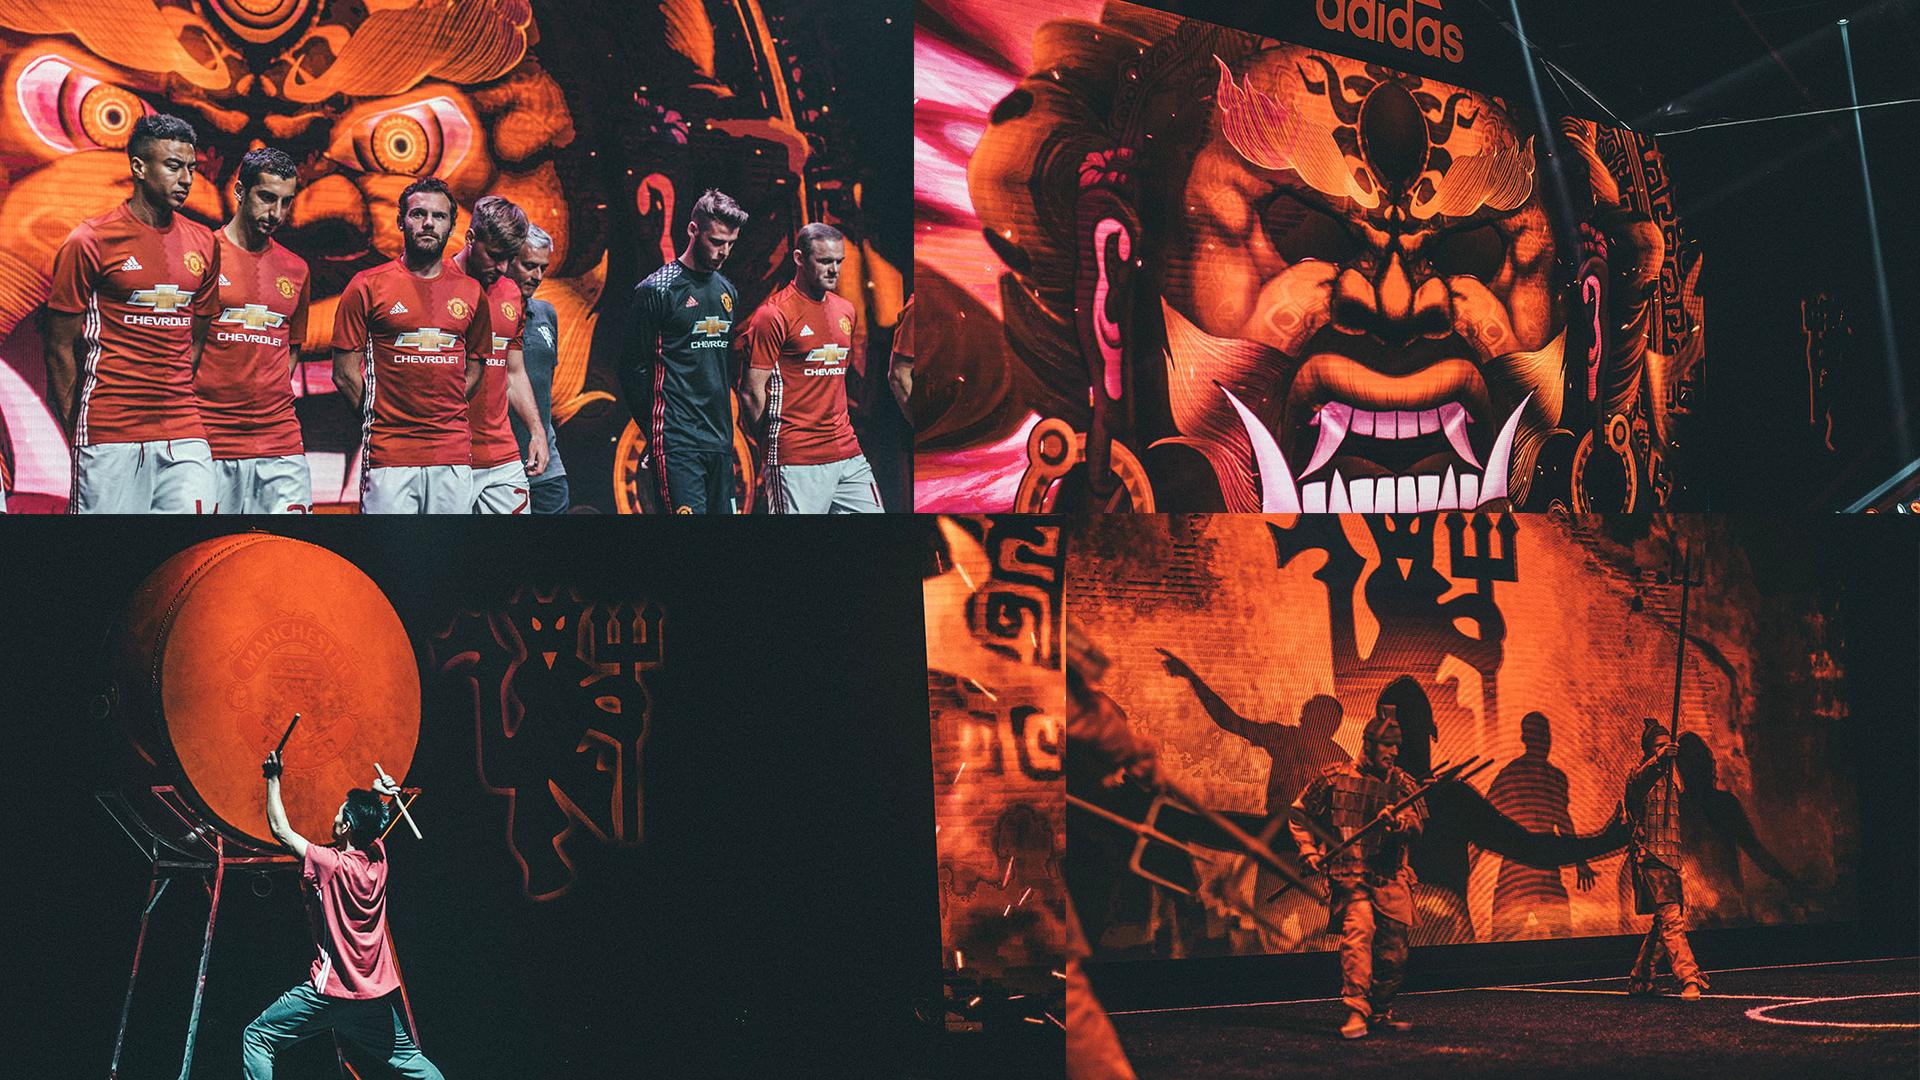 การเปิดตัวชุดแข่ง Manchester United 2016-17 ที่เซียงไฮ้ ประเทศจีน คือตัวอย่างที่ชาญฉลาดในการสร้างภาษาภาพใหม่ๆ จากความเข้าใจเรื่องสีที่เชื่อมโยงกับบริบททั้งทางวัฒนธรรม และความเชื่อ ทั้งฝั่งตะวันตก และตะวันออก จากปีศาจแดง และกลายเป็นเทพเจ้า